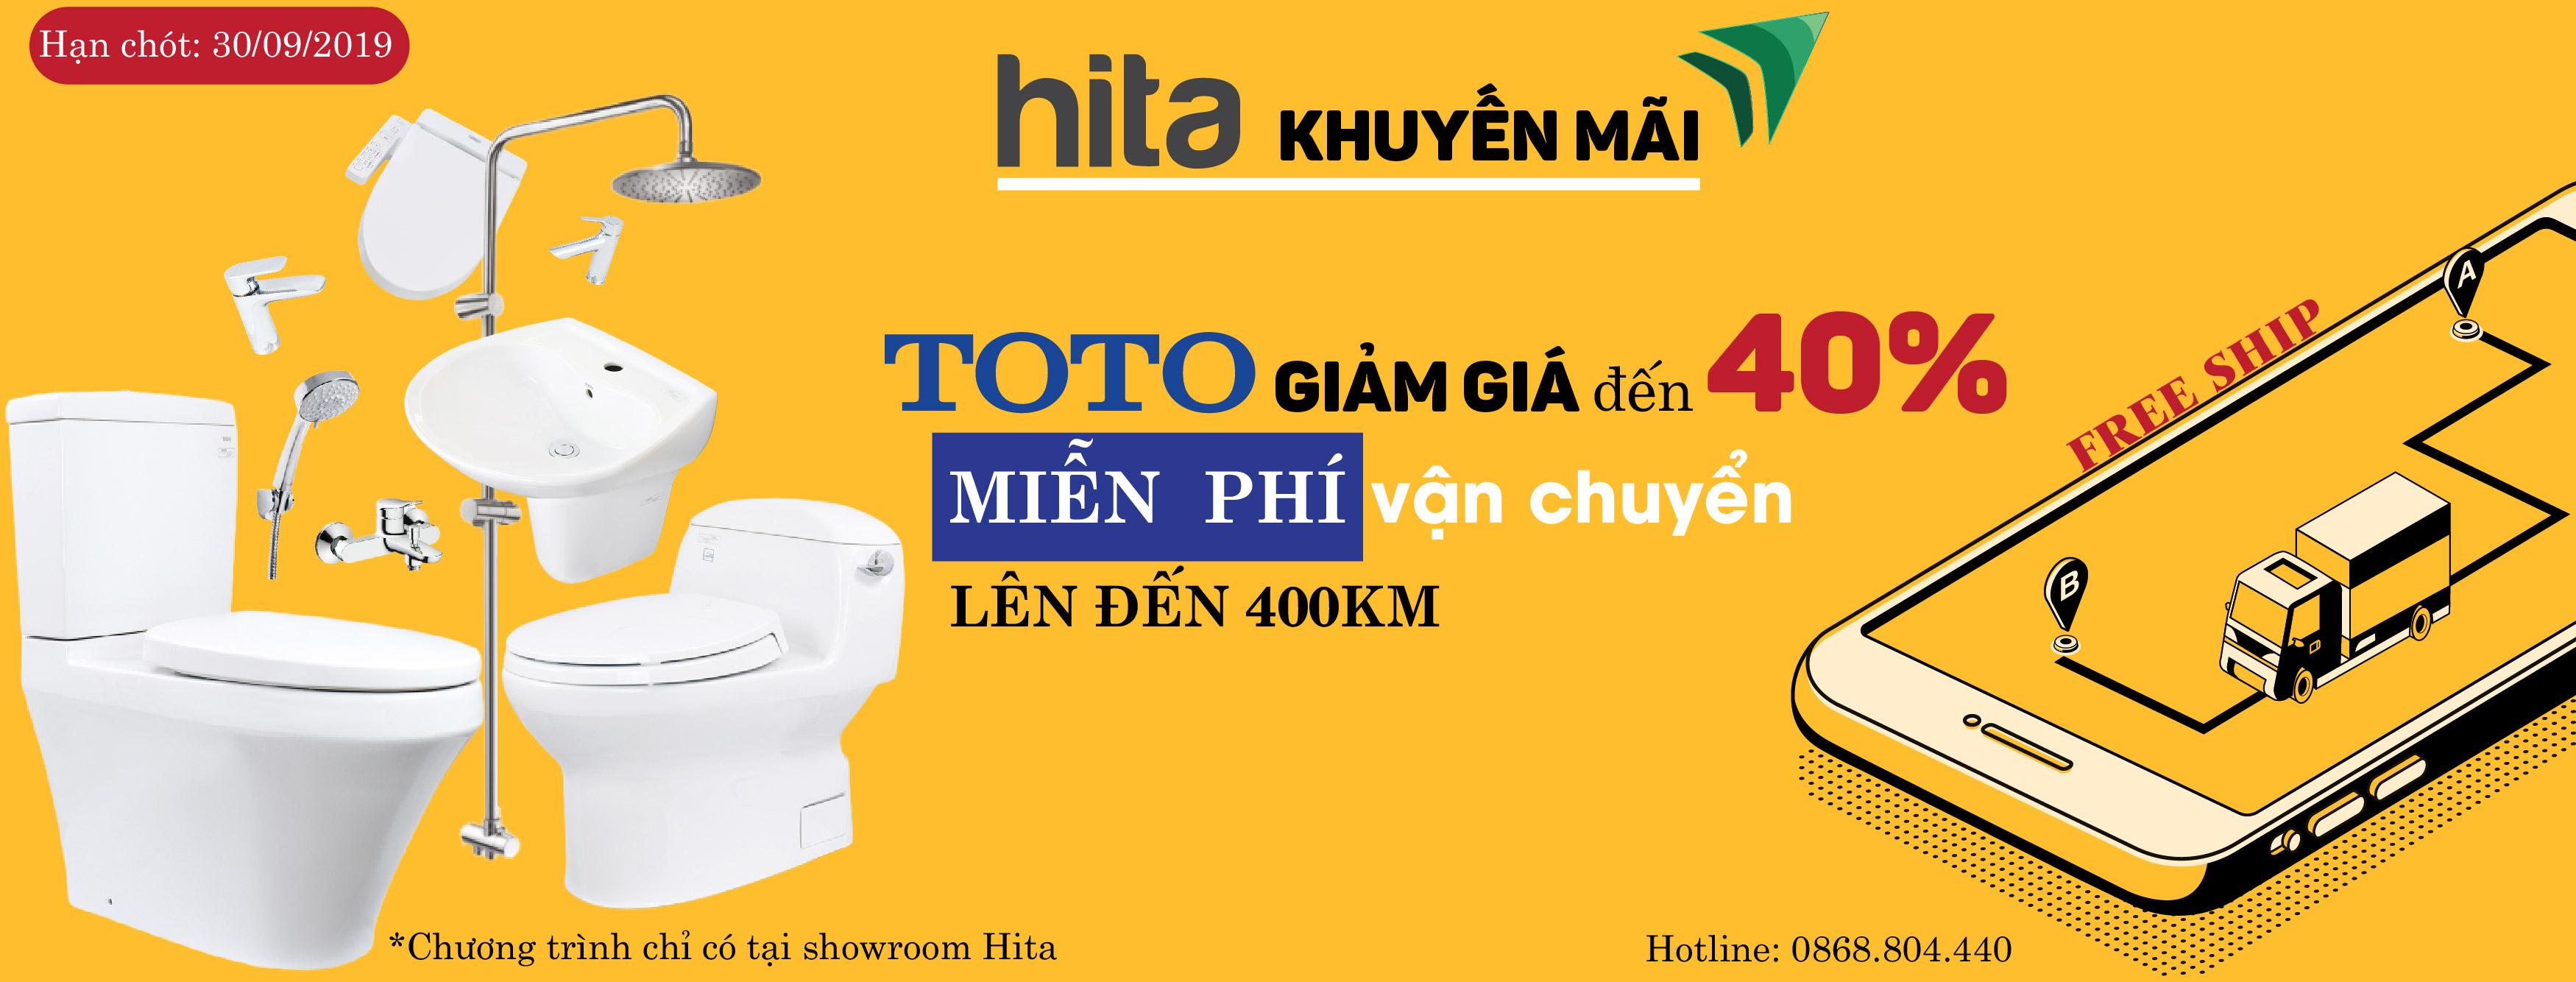 Khuyến mãi miễn phí vận chuyển thiết bị vệ sinh TOTO lến đến 400Km